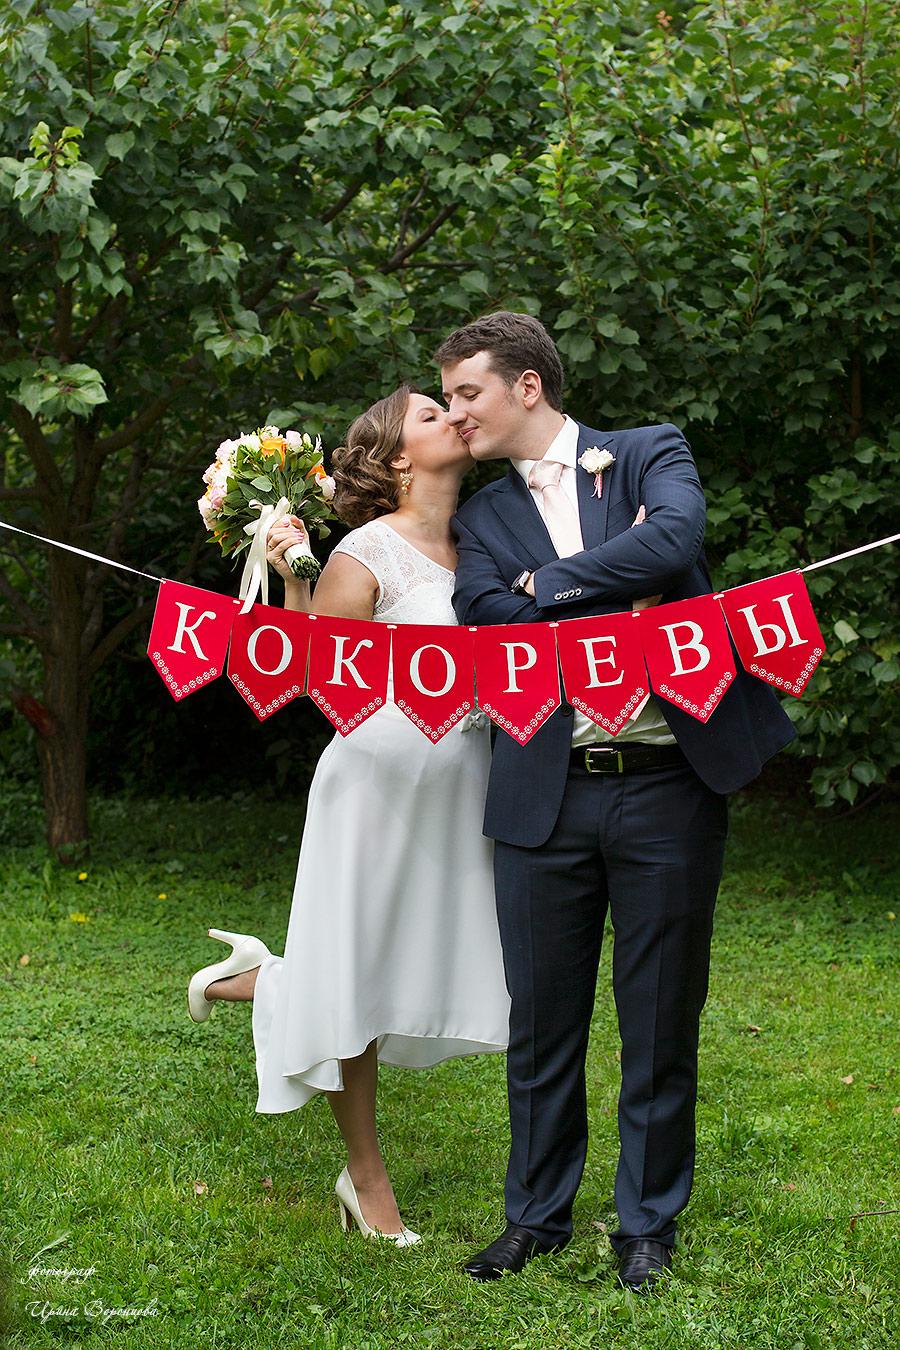 Сделать фамилию на свадьбу своими руками